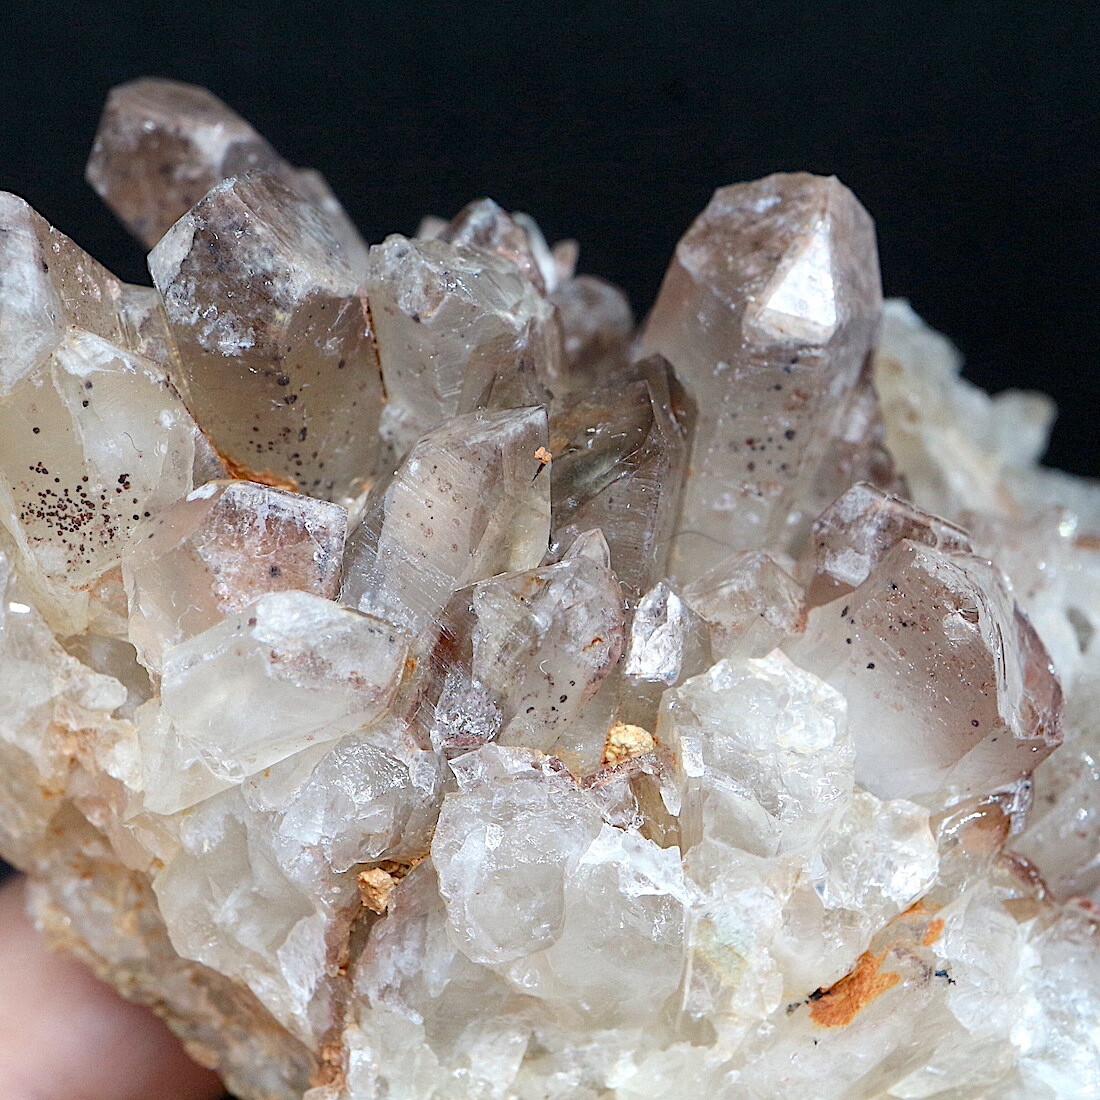 コロラド産 レッドフェザー レイクス クォーツ ヘマタイト 水晶 318,9g RFQ034 鉱物 原石 天然石 パワーストーン